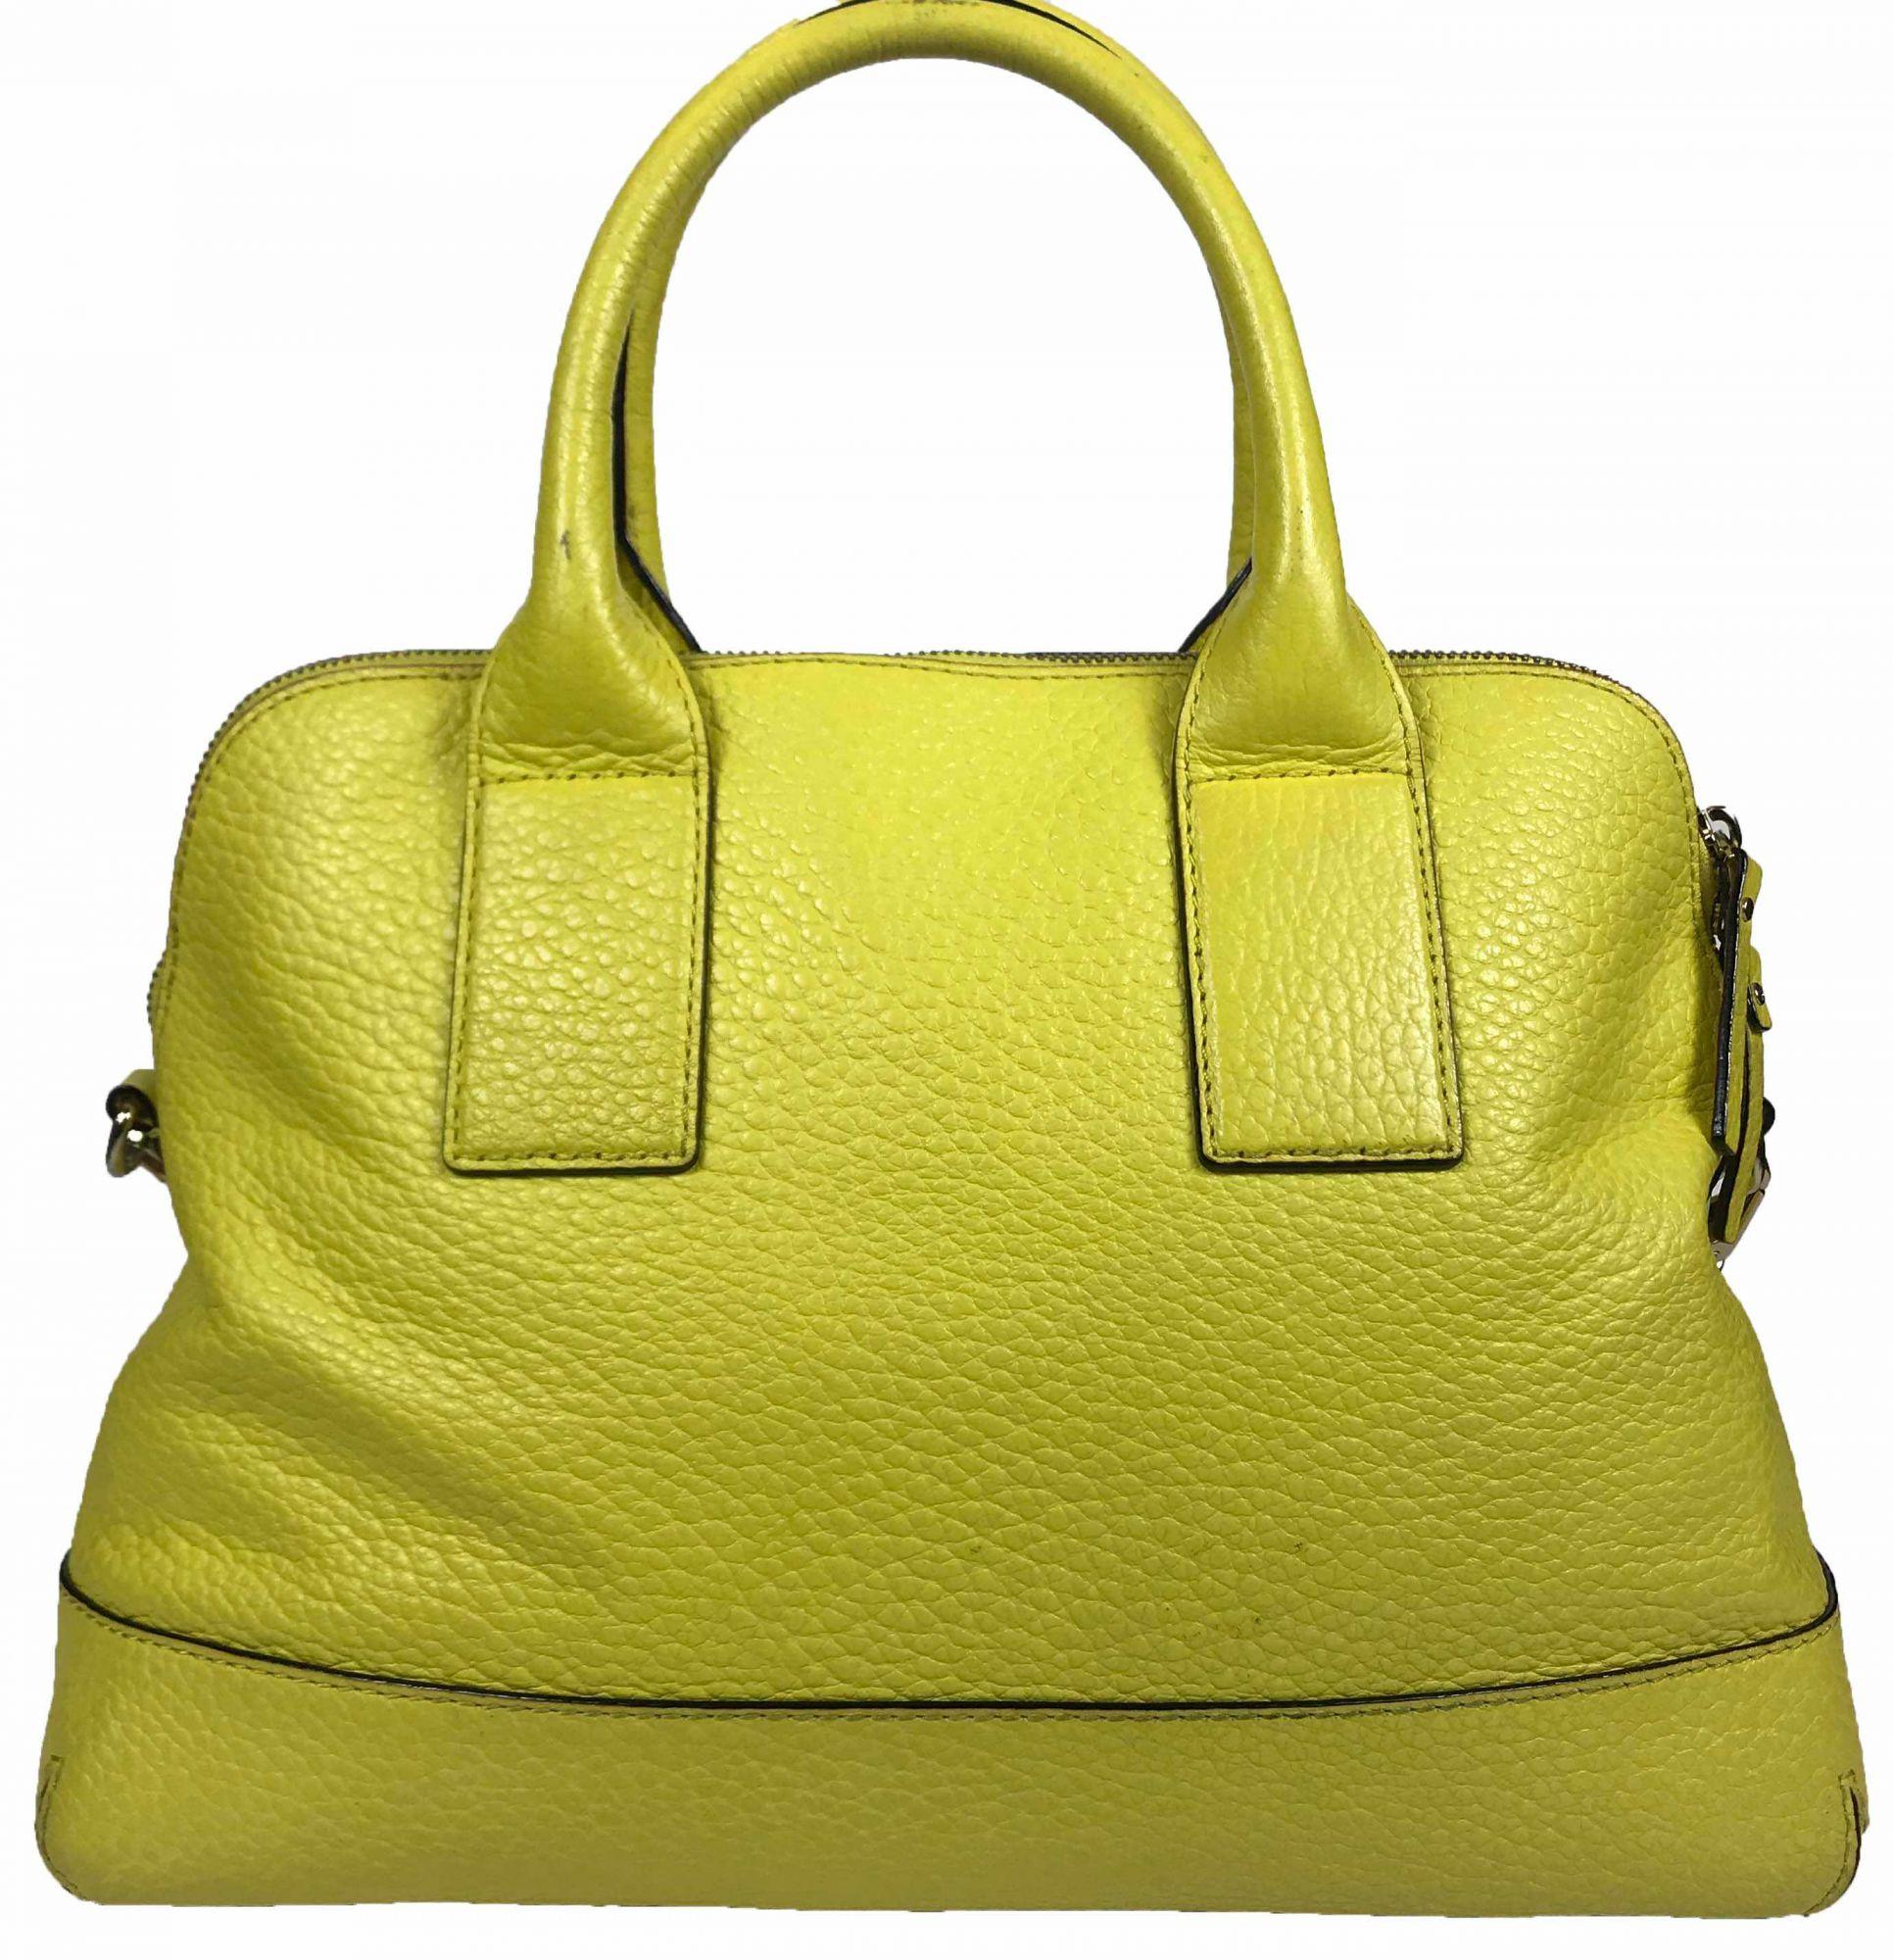 New York Yellow Leather Satchel